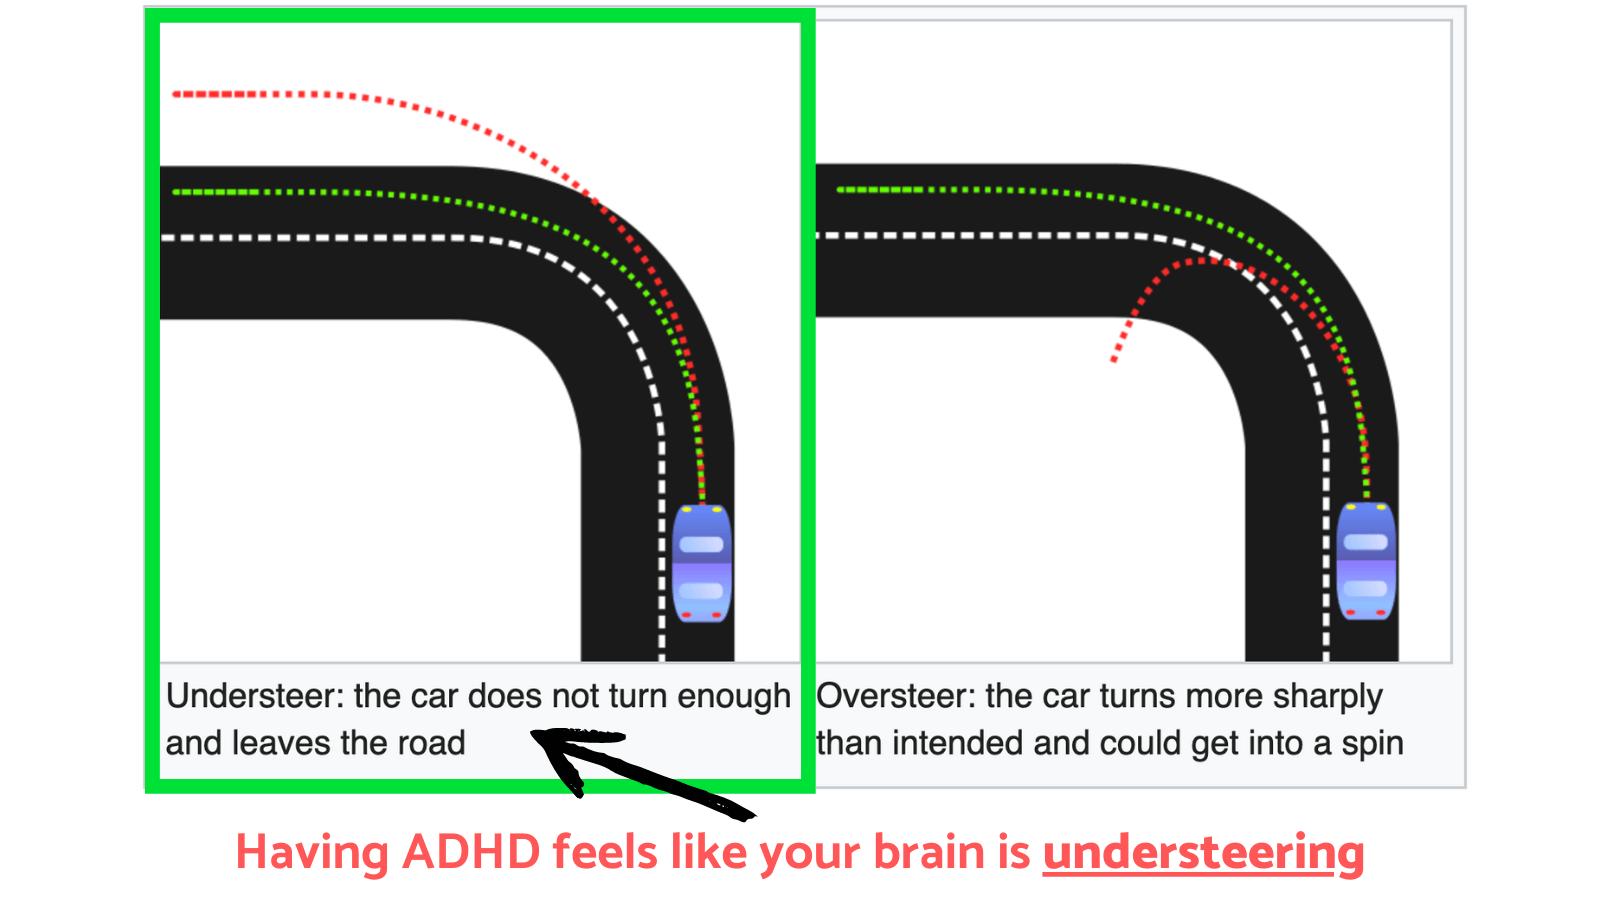 having adhd feels like your brain is understeering